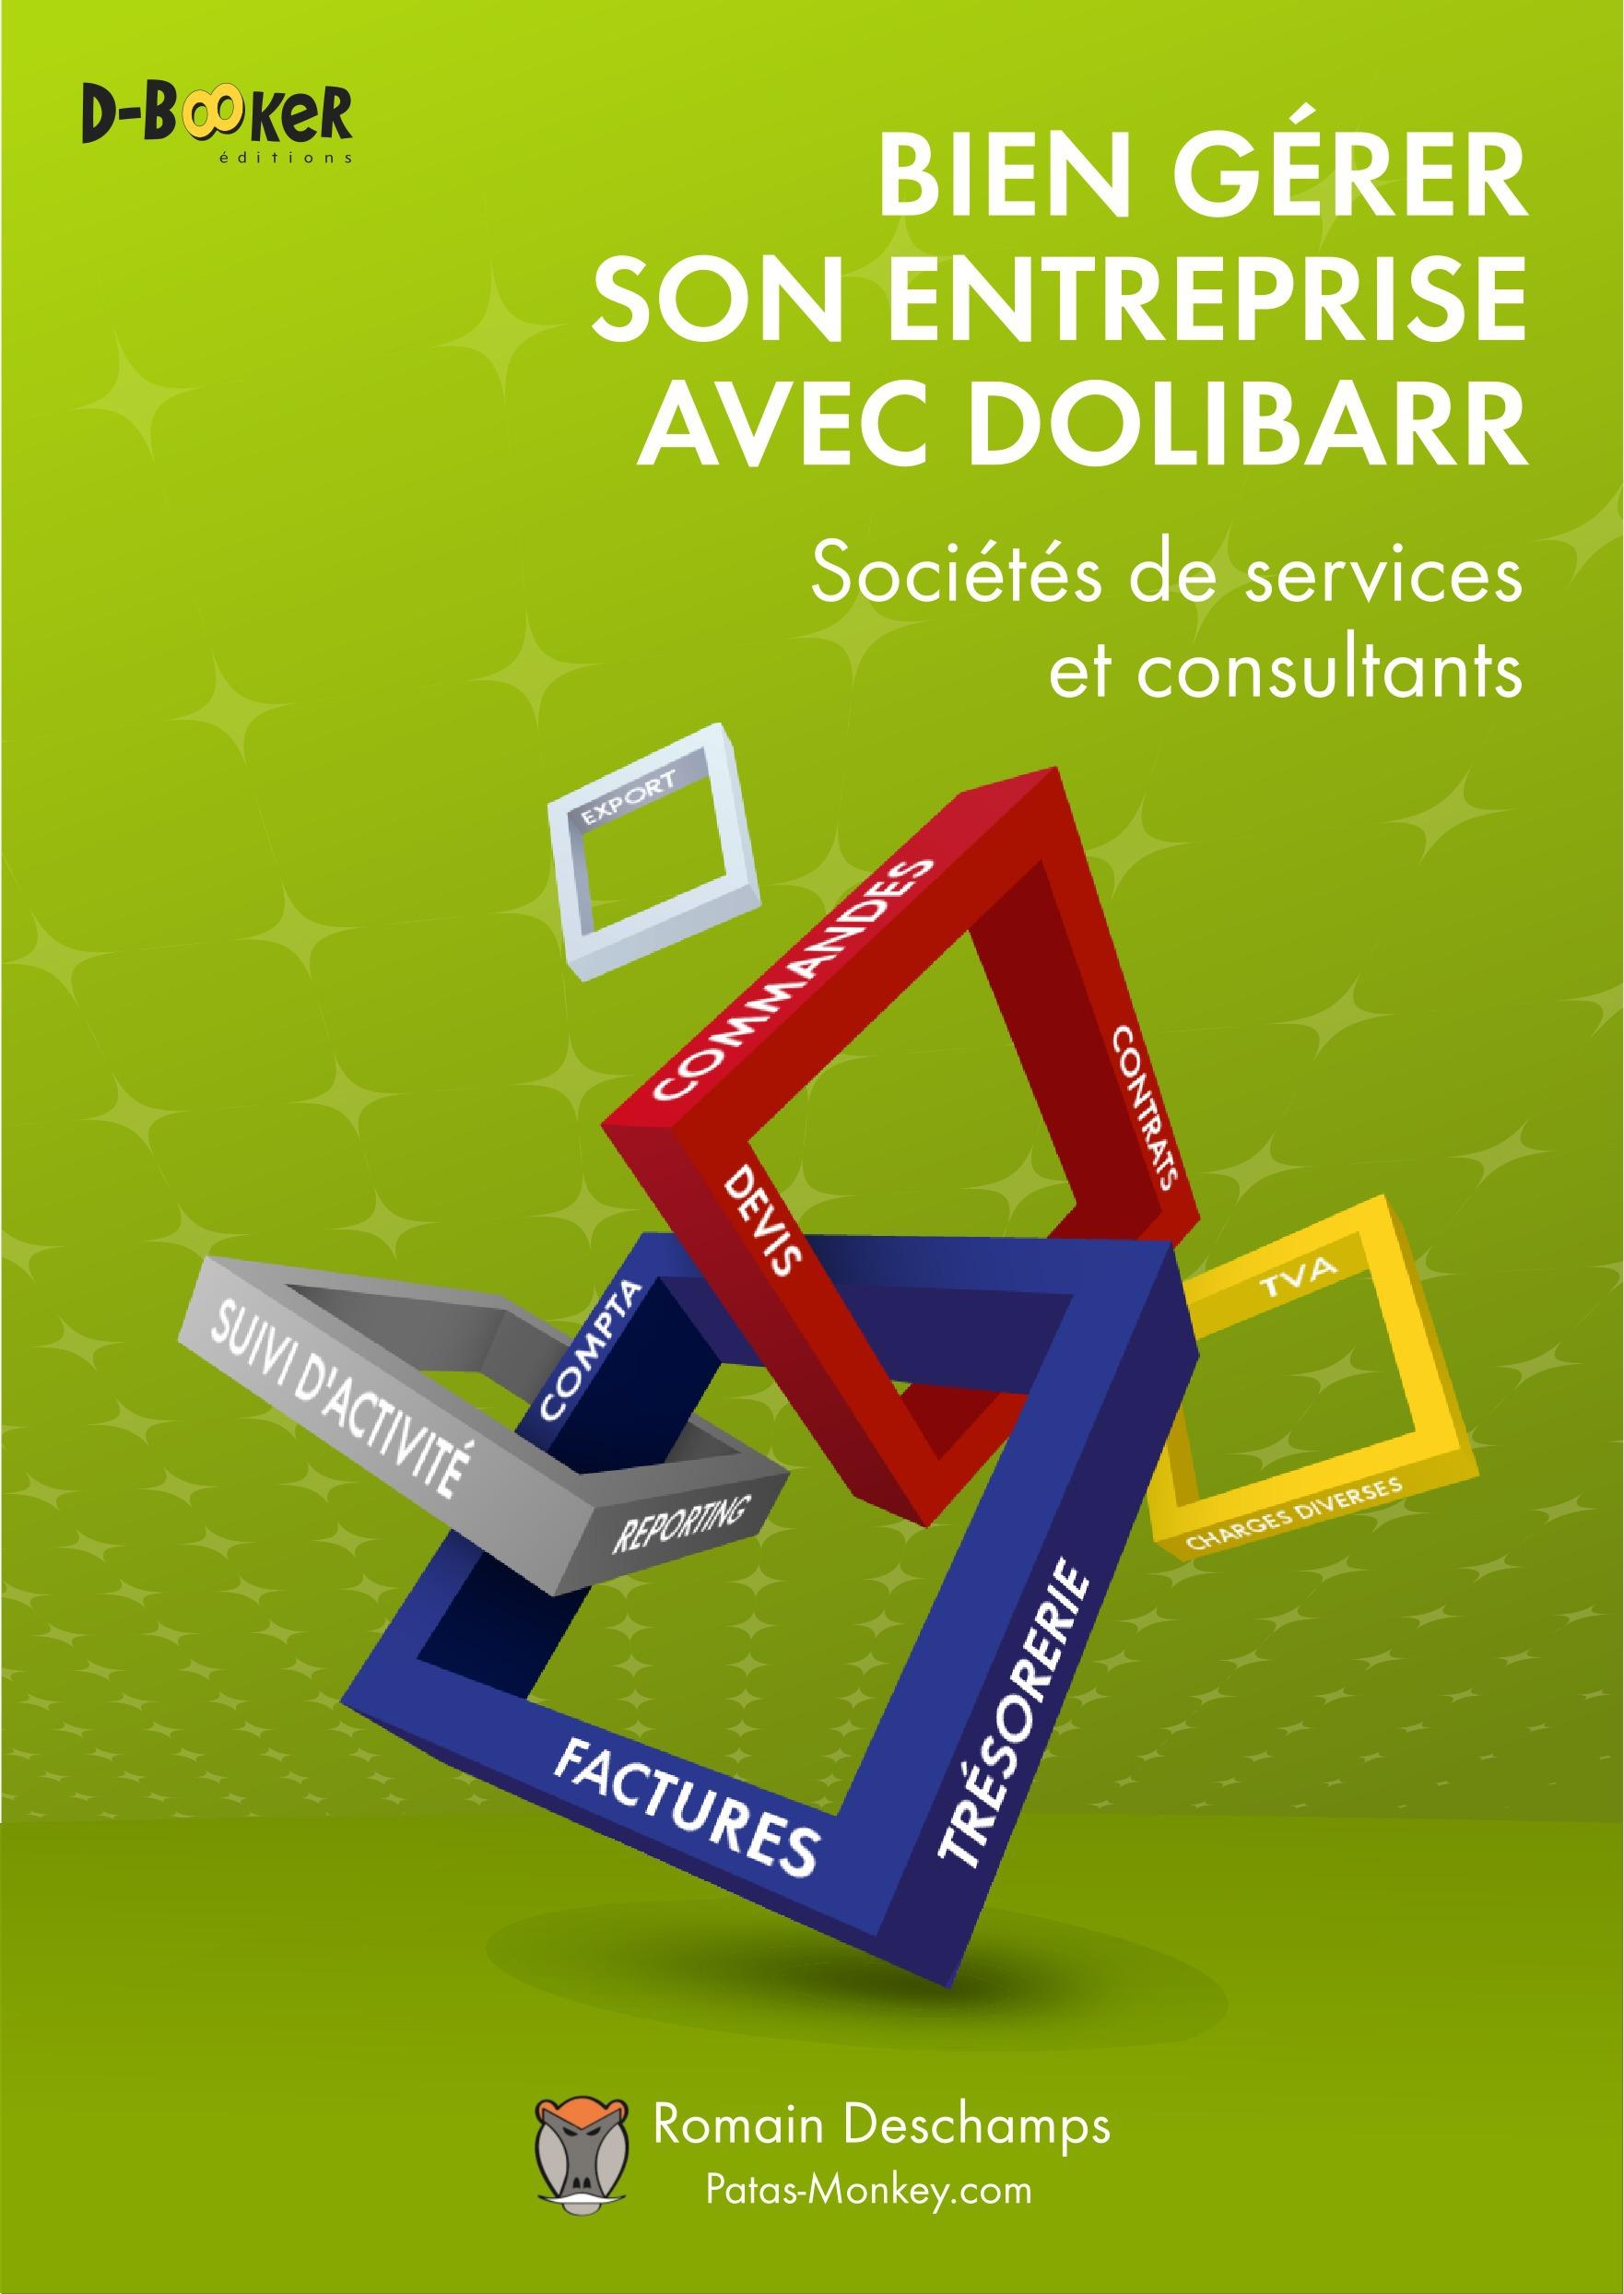 Patas-Monkey.com Romain Deschamps Bien gérer son entreprise avec Dolibarr (Sociétés de services et consultants)